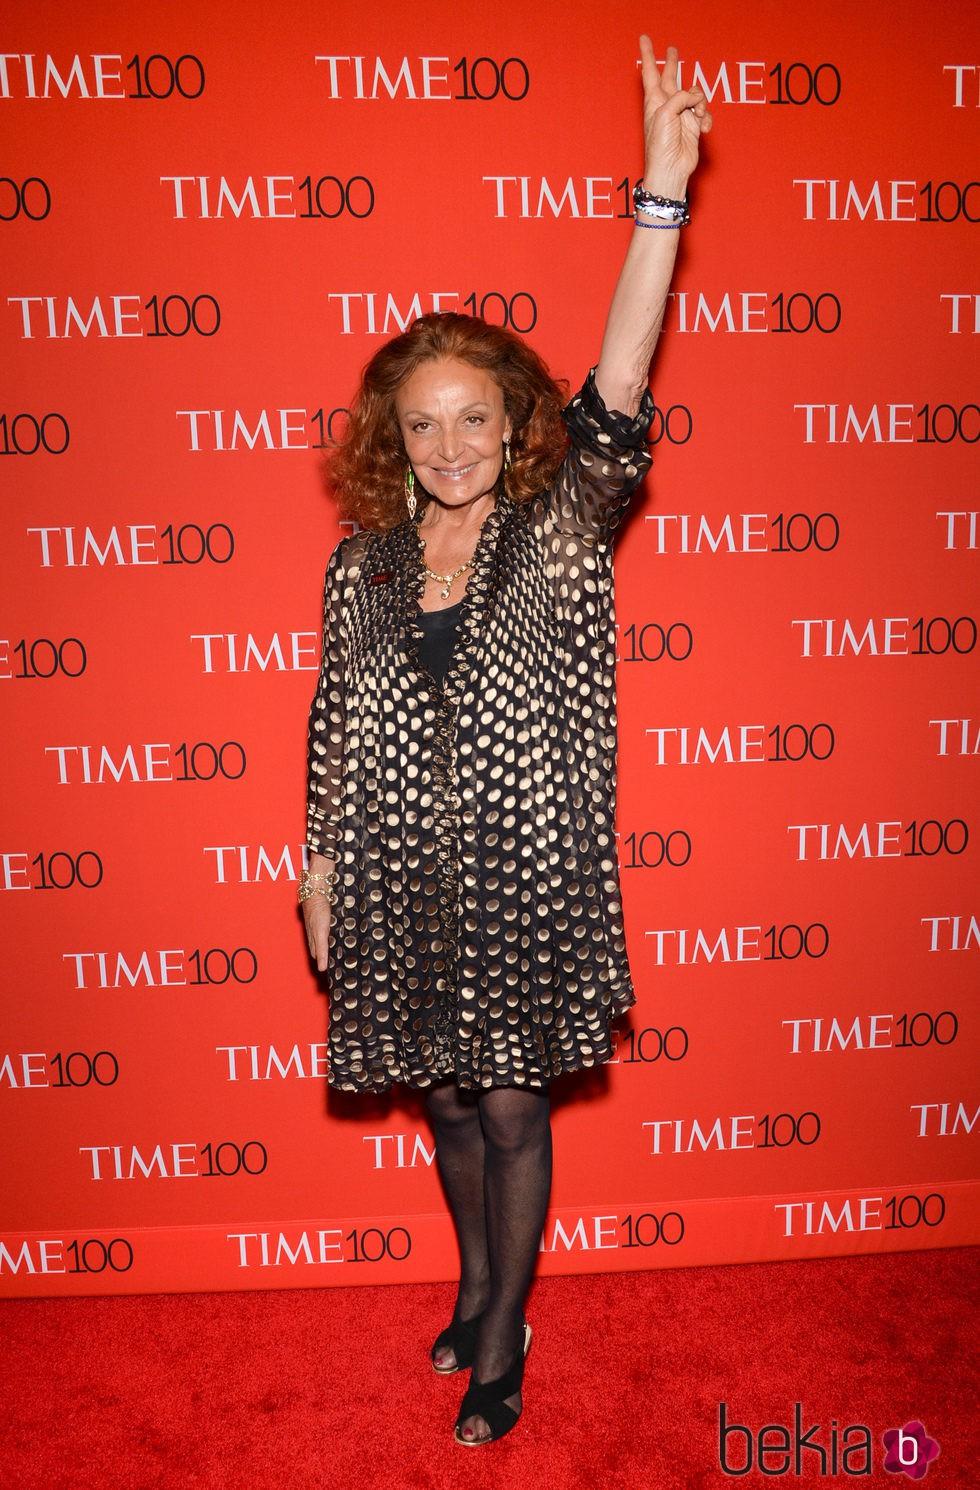 Diane Von Fürstenberg en la Gala Time de los 100 más influyentes de 2015